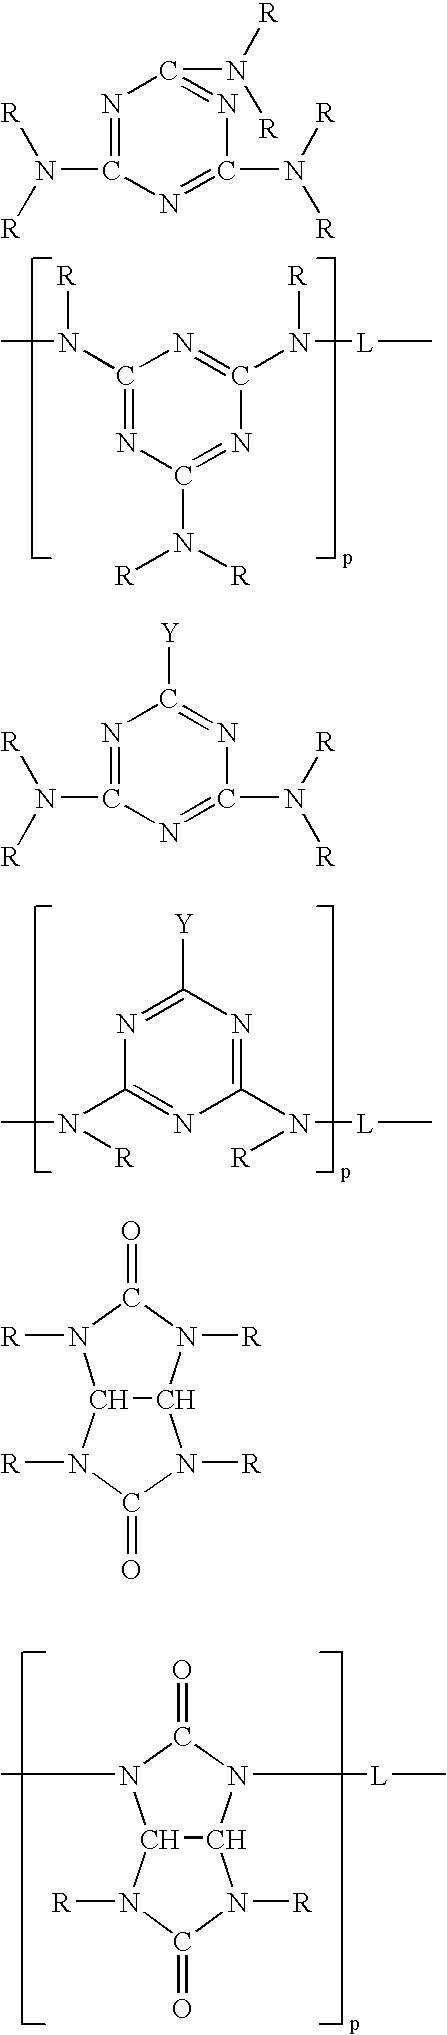 Figure US07122592-20061017-C00017